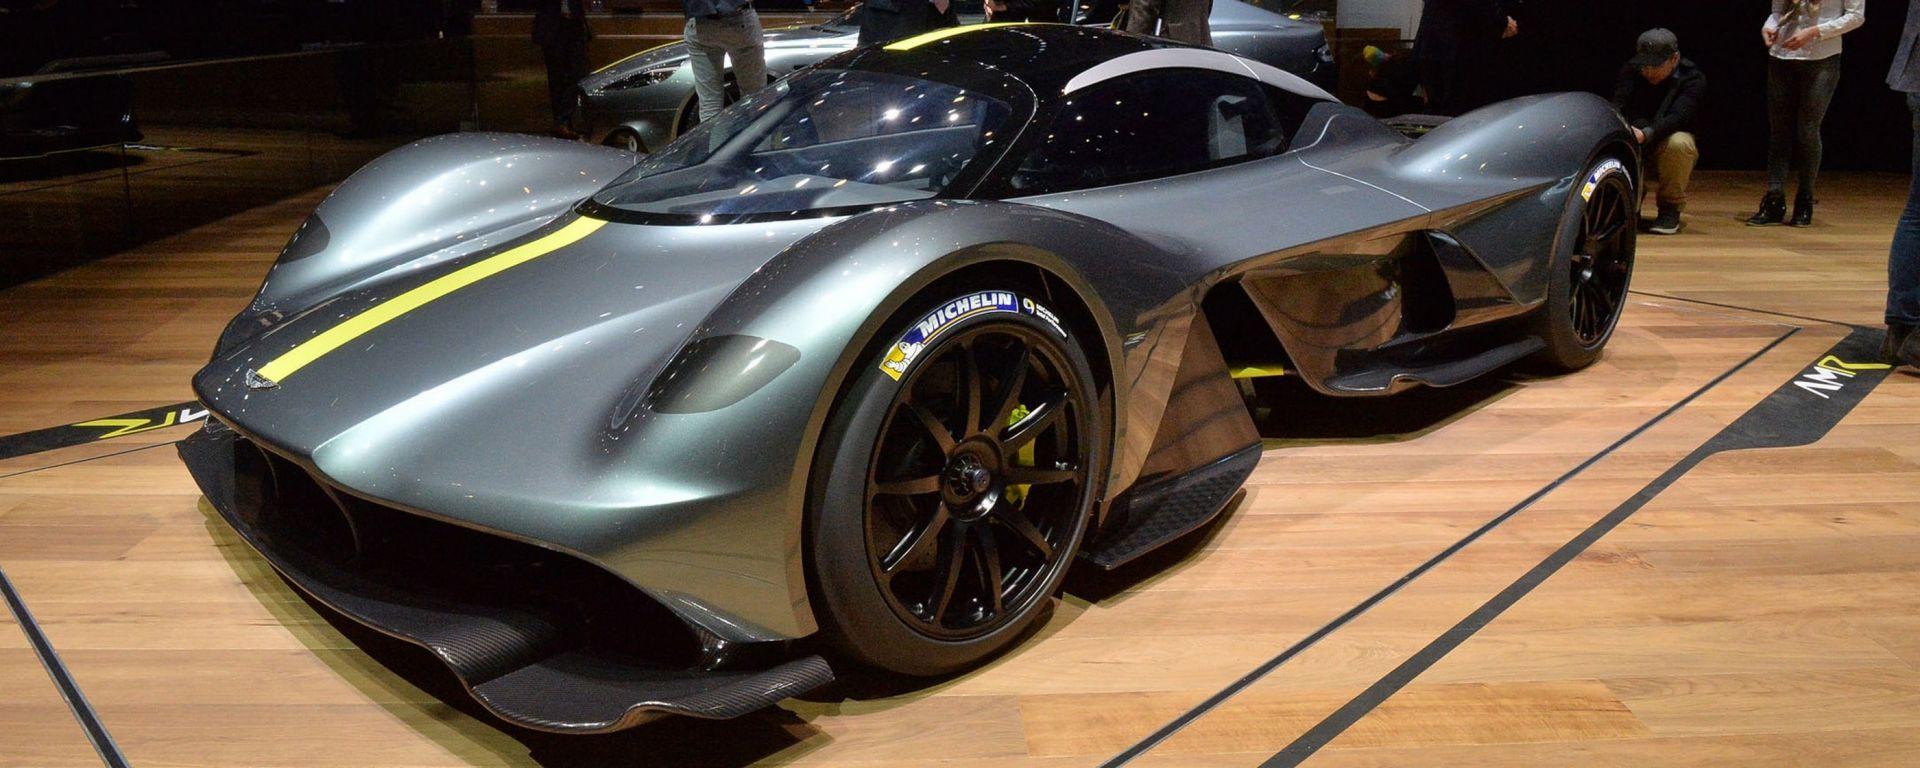 Aston Martin Valkyrie più veloce della Porsche 919 al Ring?